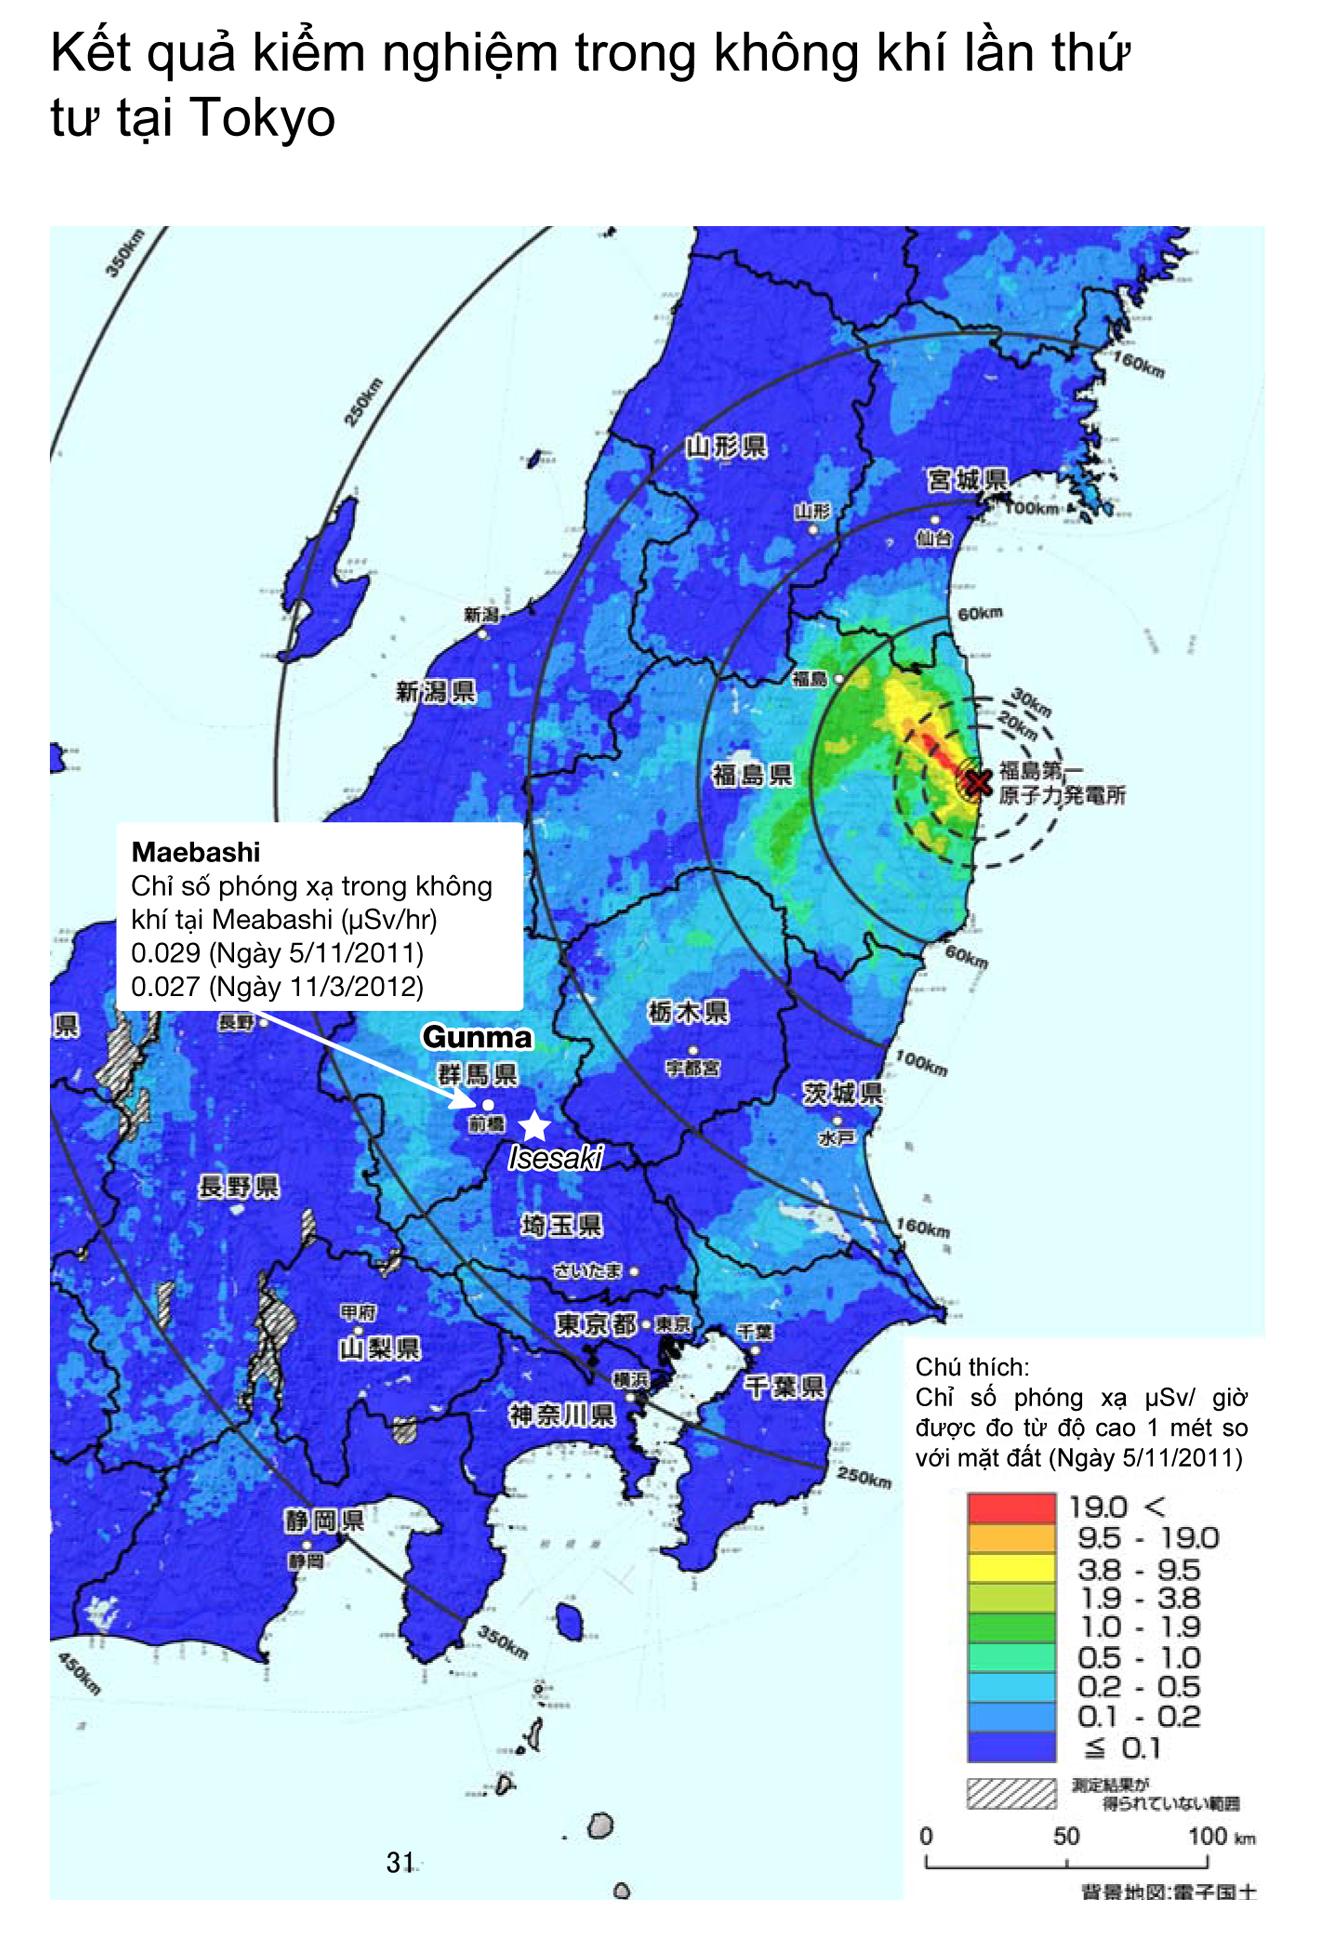 Chỉ số phóng xạ tại Gunma